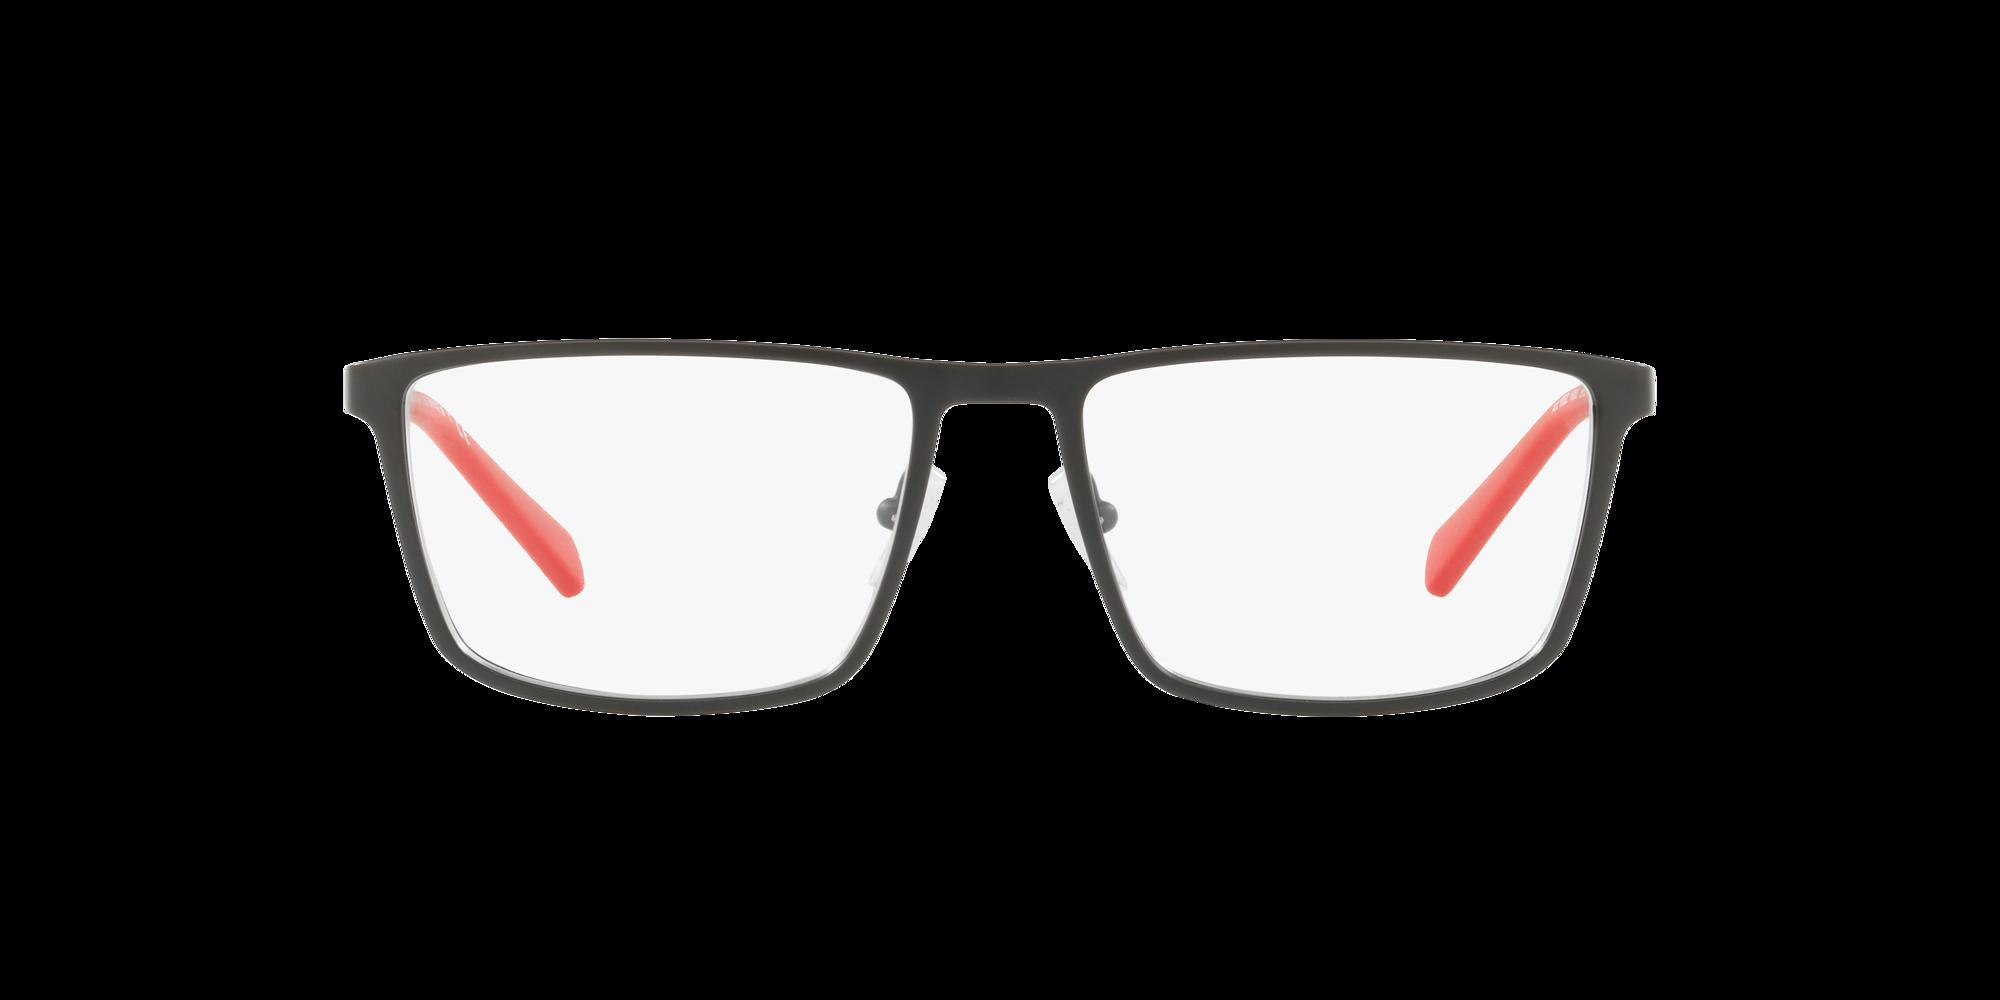 e291882a7d Ripley - Black friday optica y relojeria hombre !